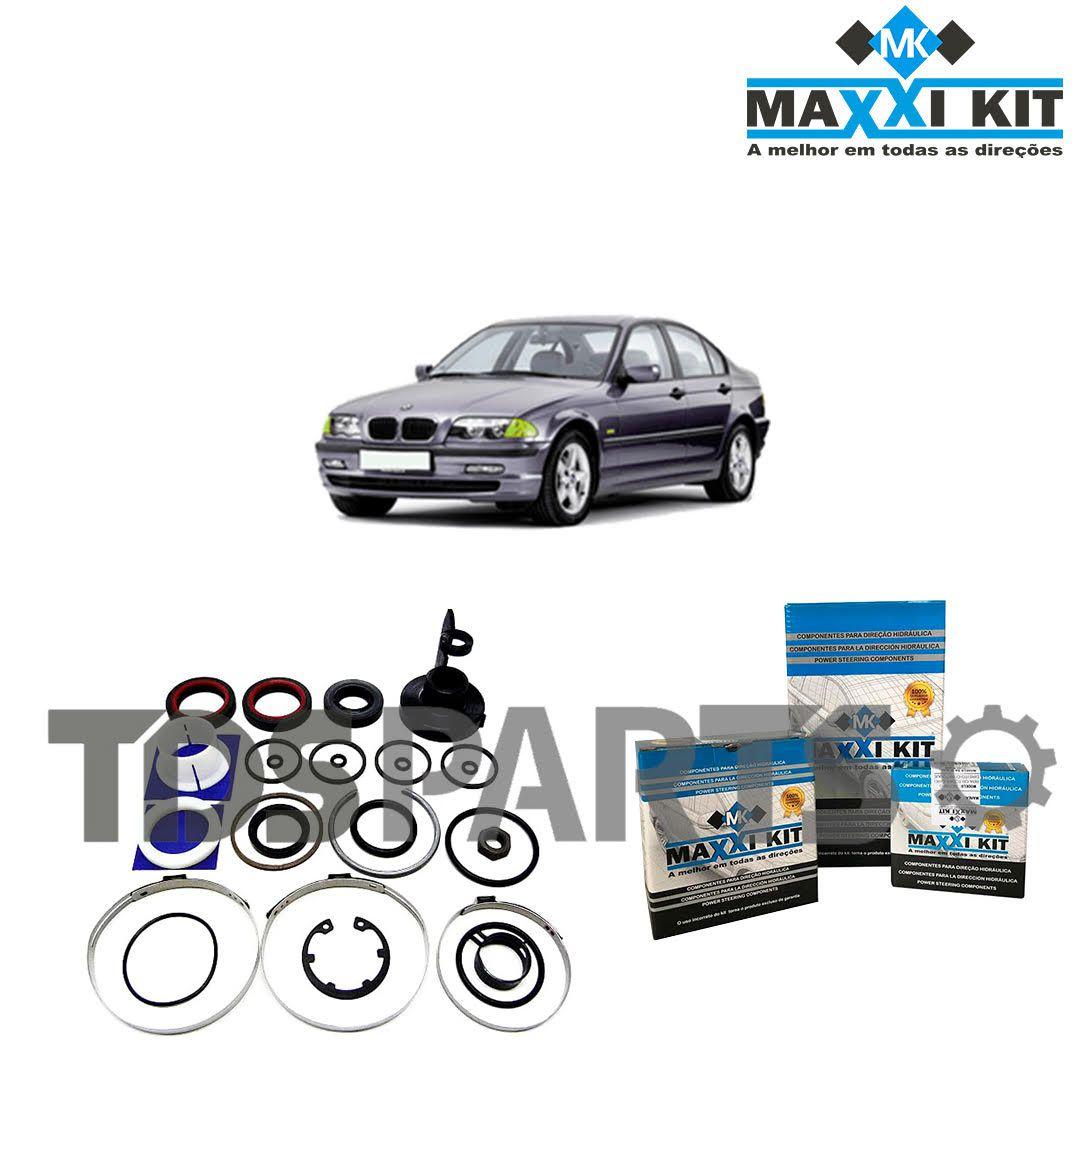 Reparo Caixa de Direção Hidráulica BMW 325 | 328 Modelo TRW